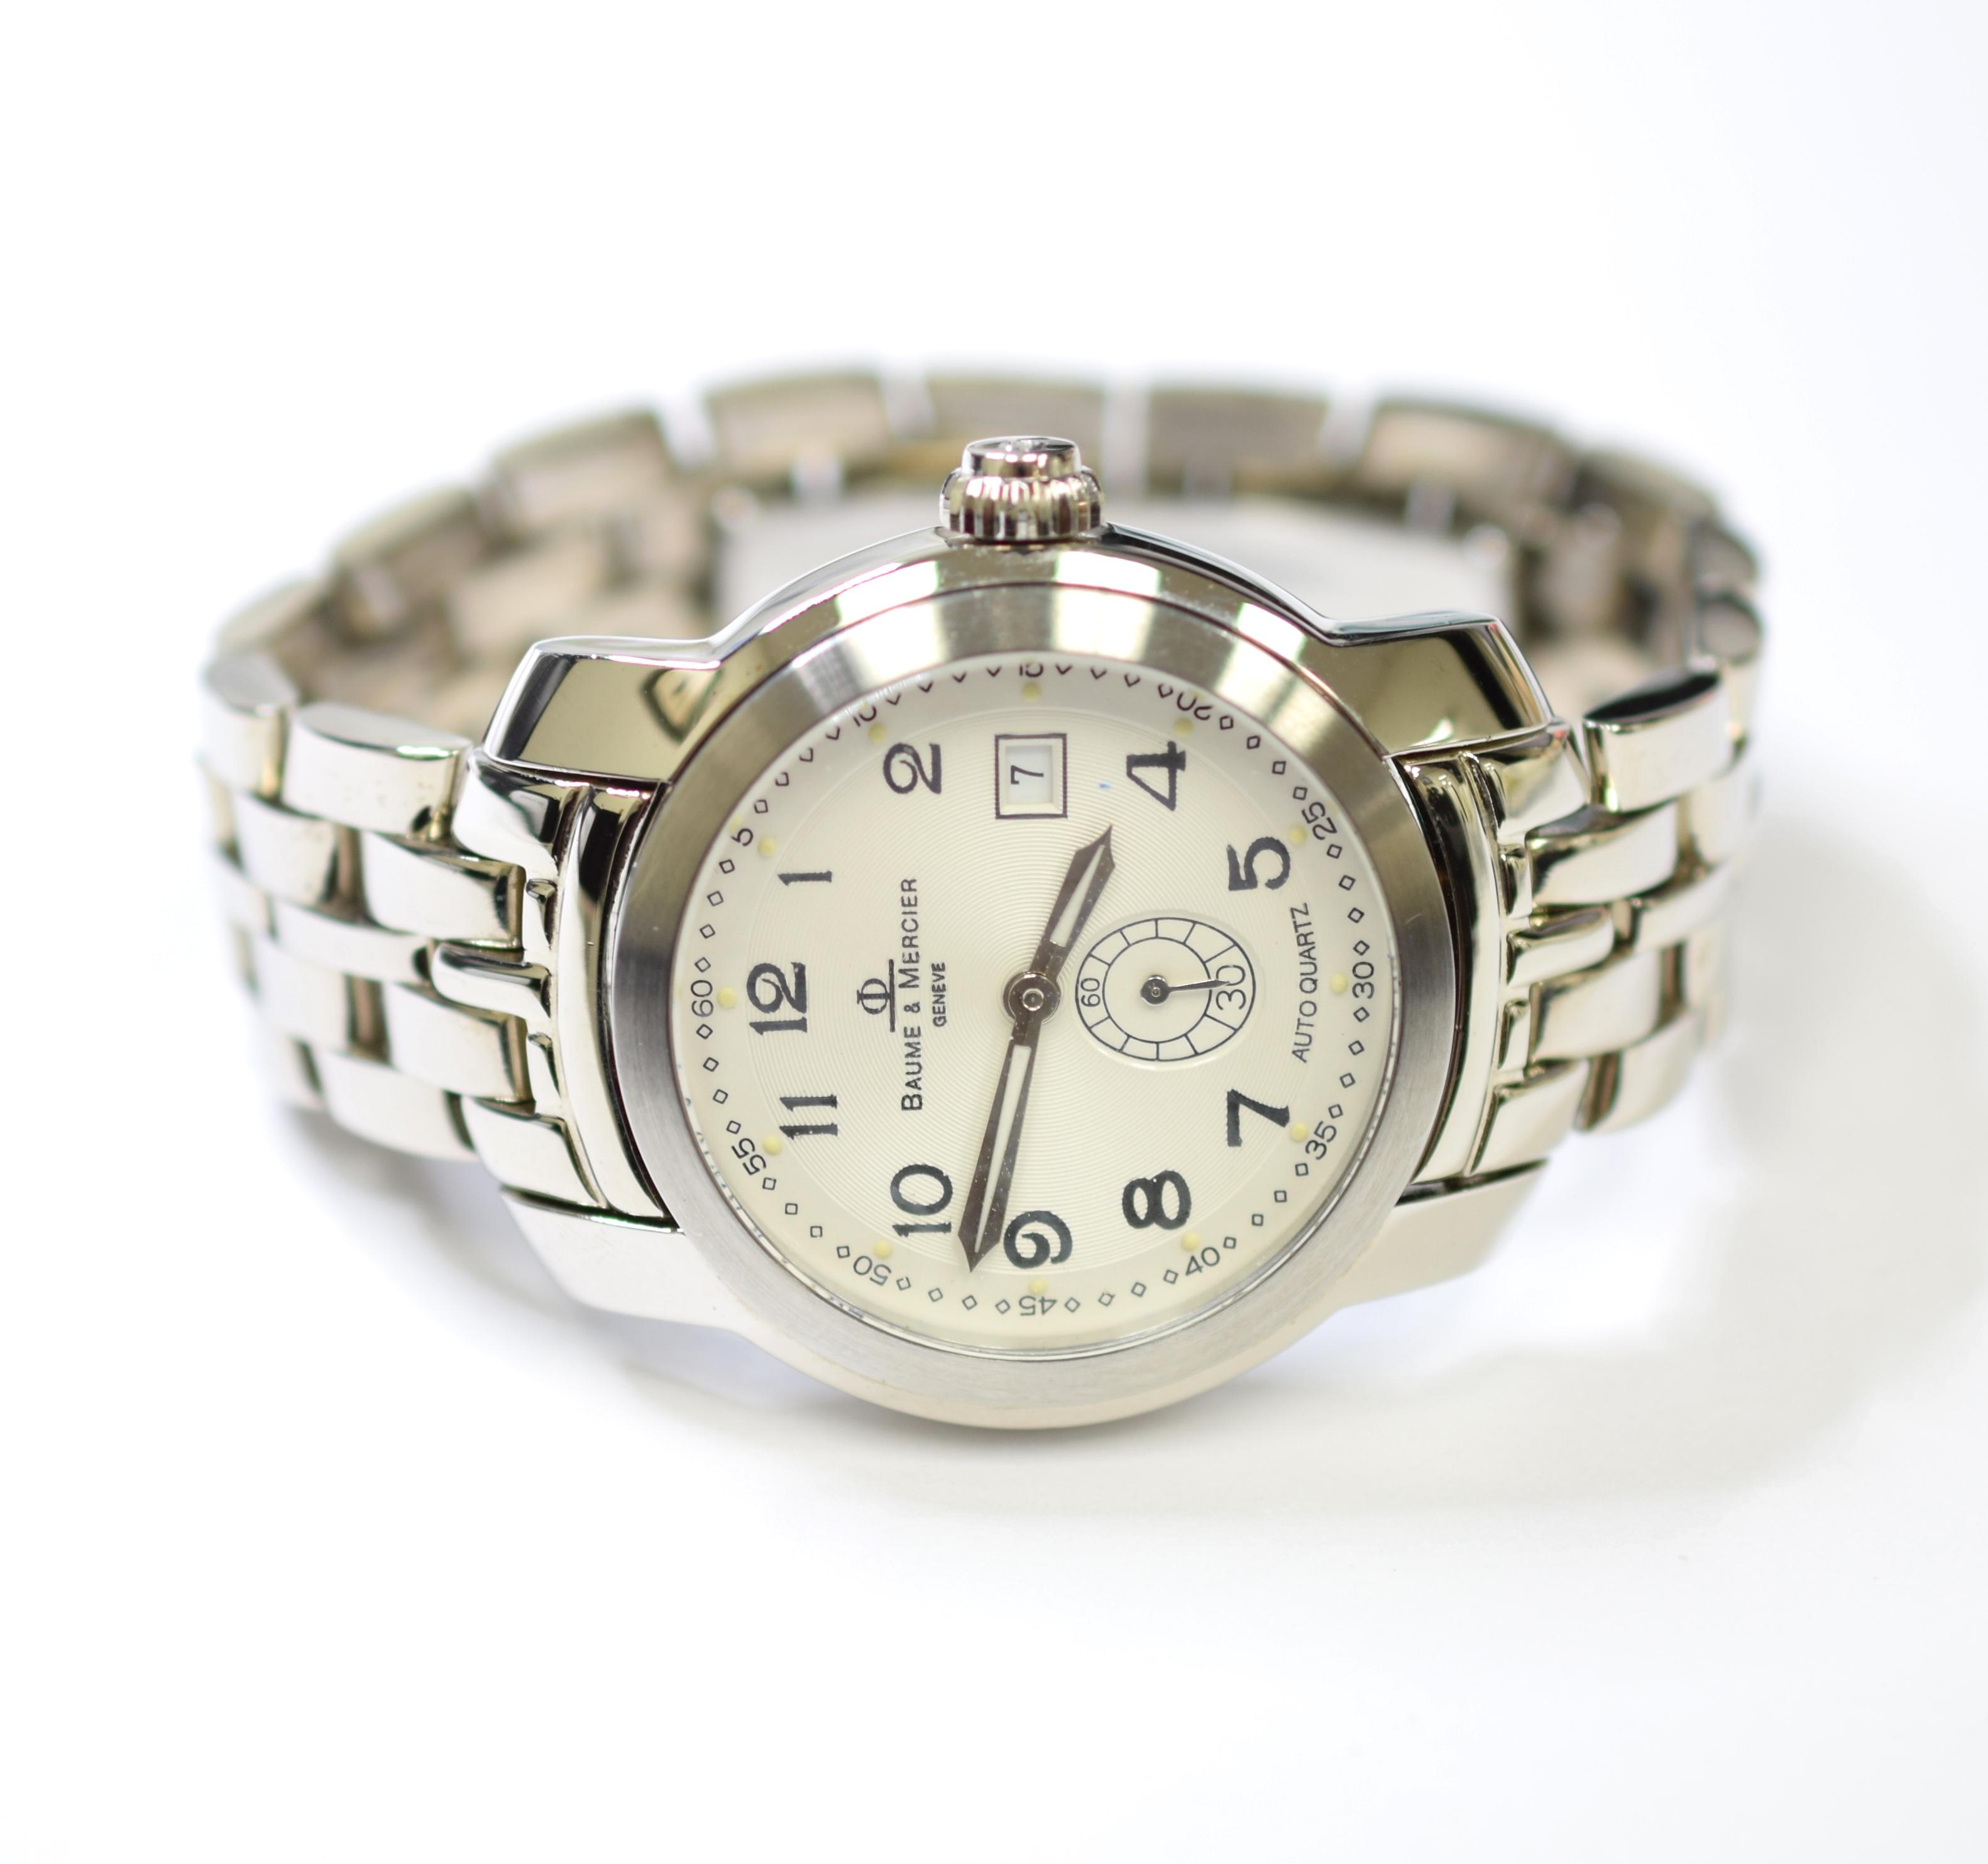 Baume & Mercier Capeland Automatic Watch MV